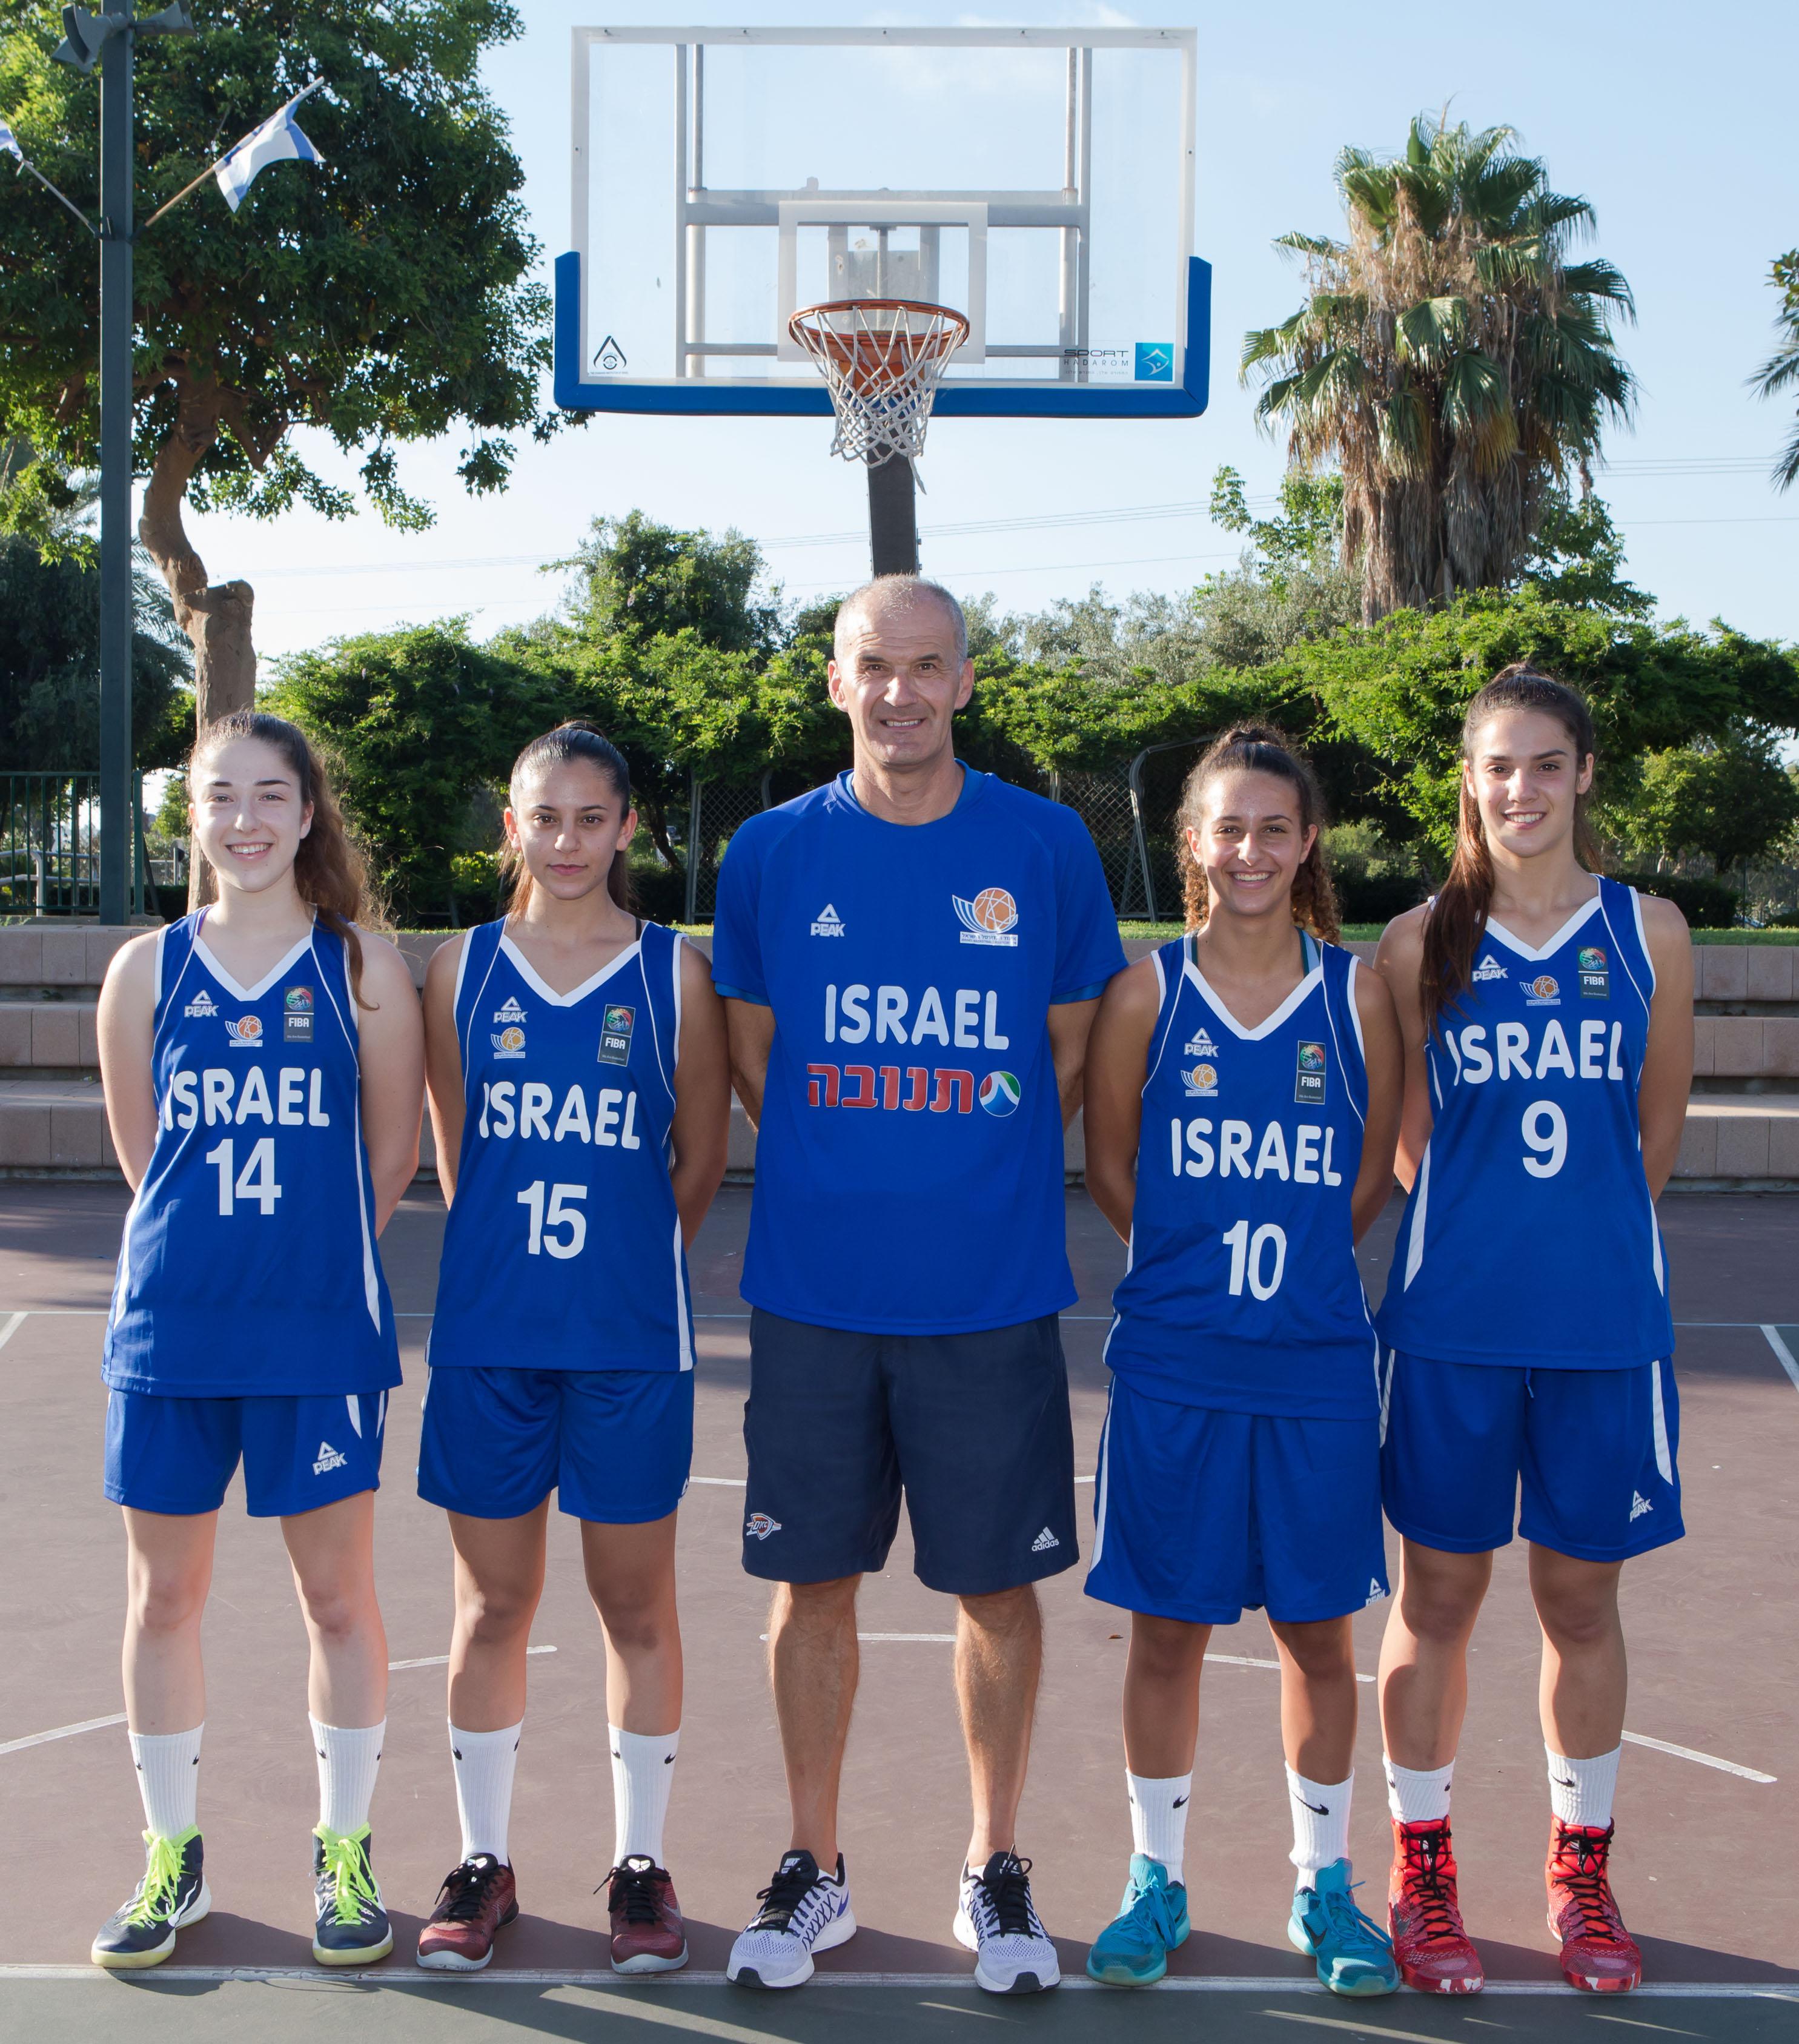 3X3: הנערות עלו לרבע גמר מוקדמות אליפות אירופה. הבנים הודחו